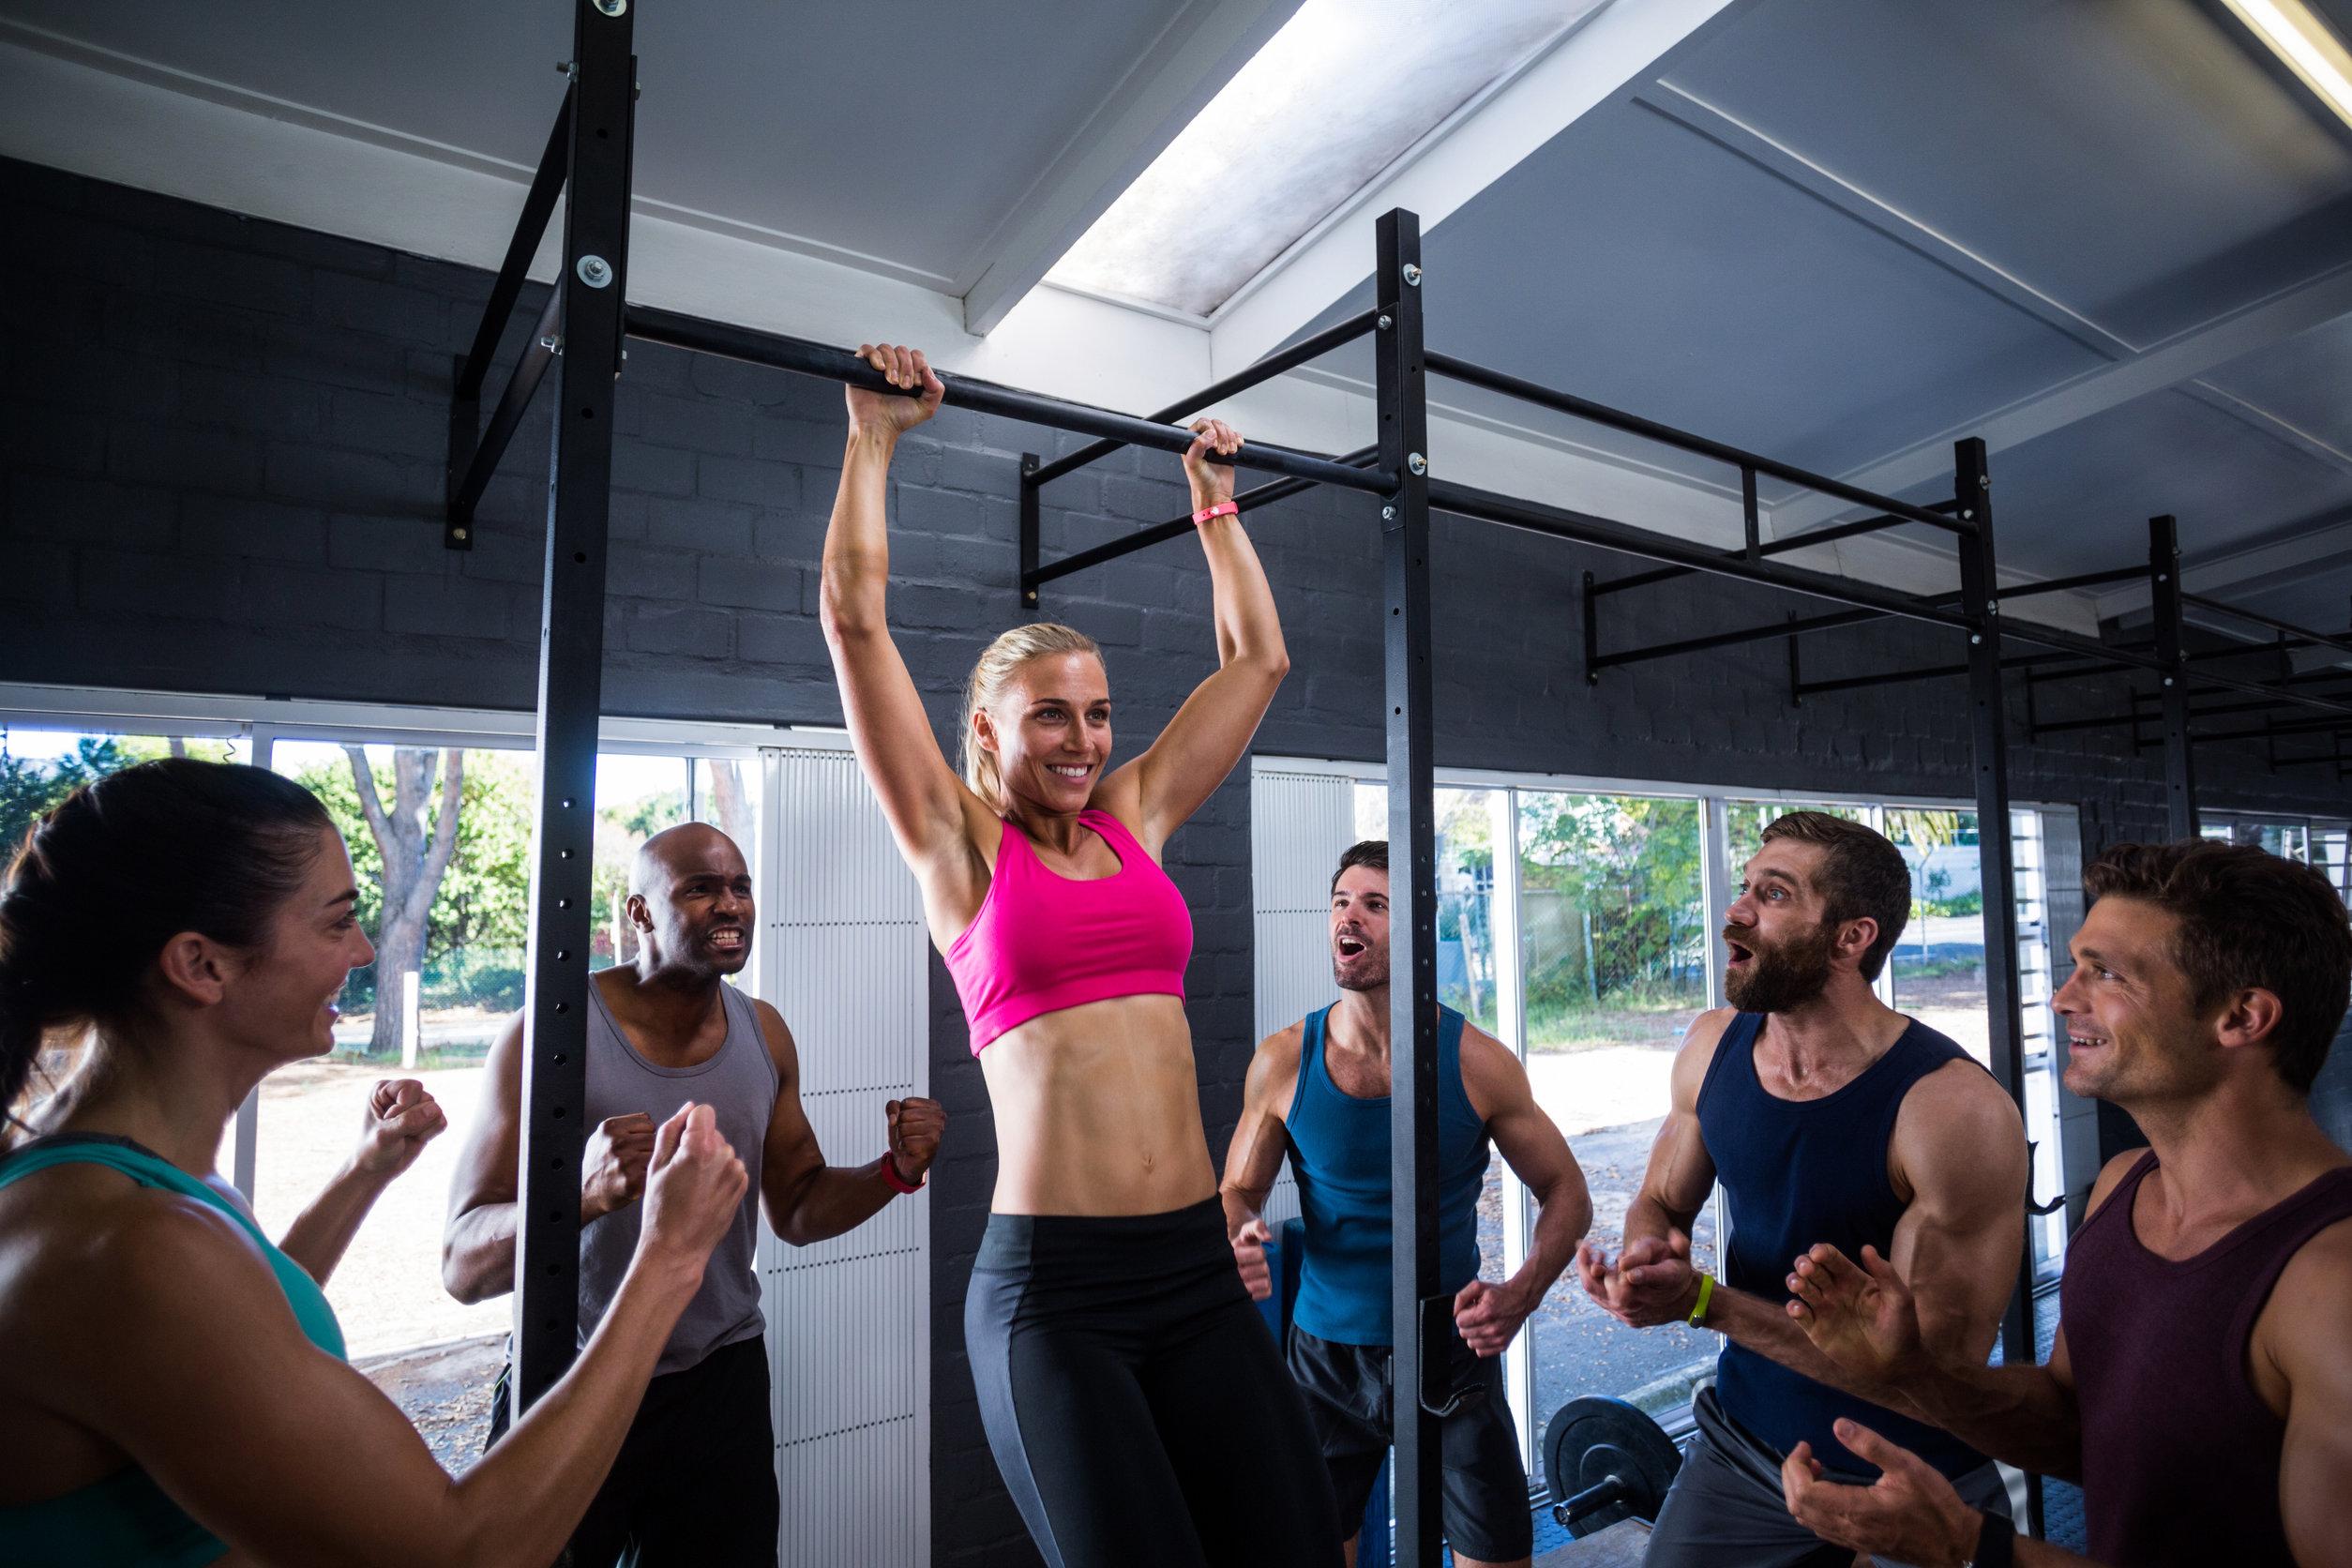 Amigos sonrientes animando a mujer haciendo dominadas en el gimnasio